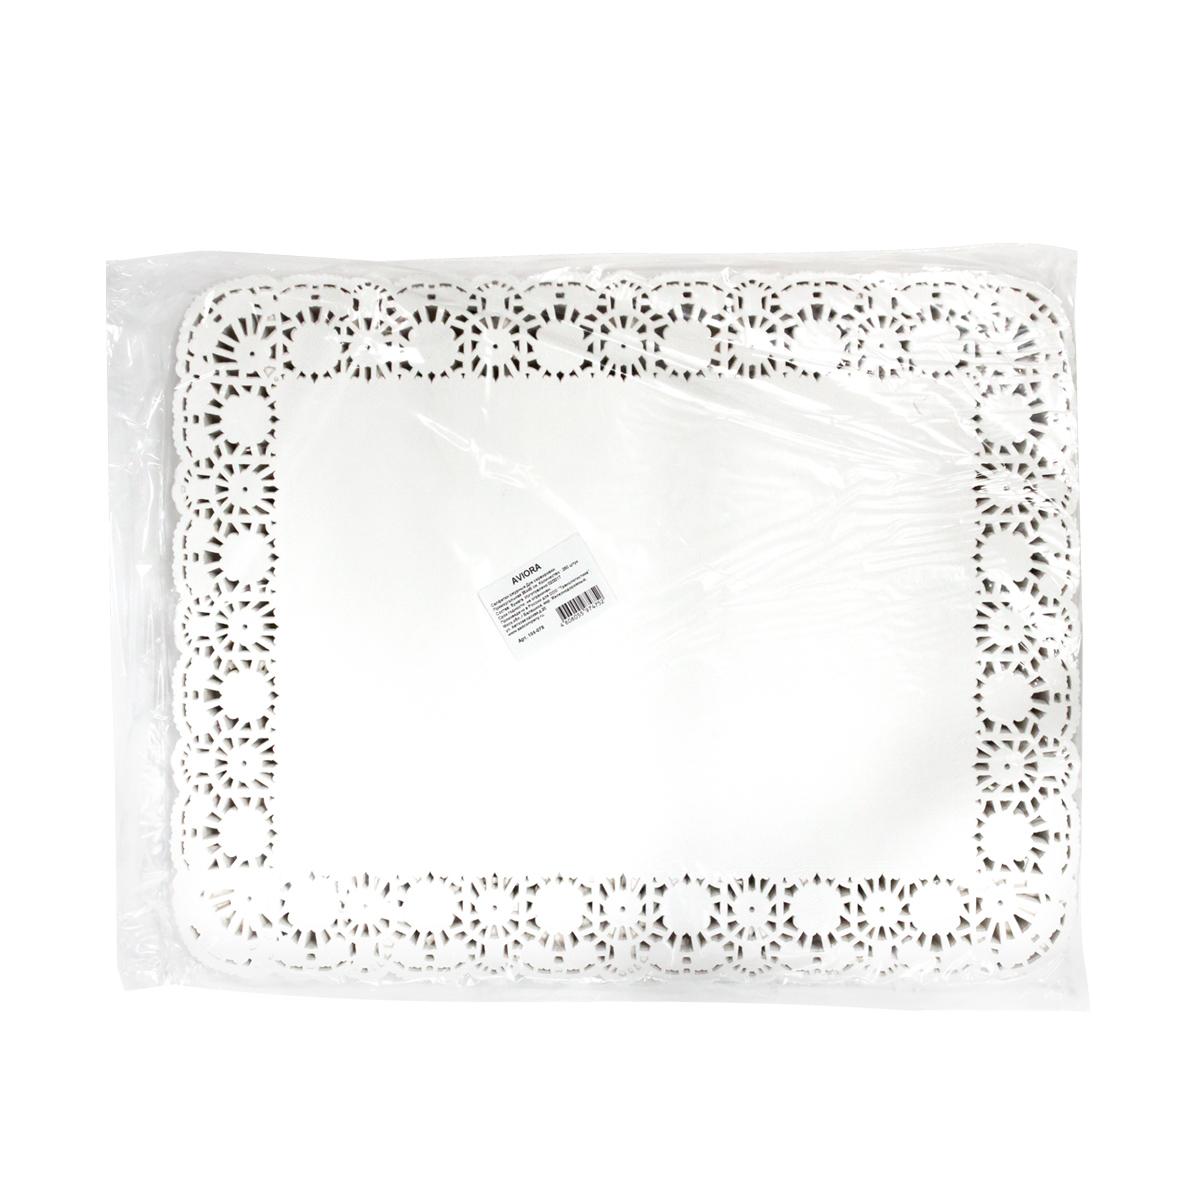 Салфетки бумажные  Aviora , ажурные, 35 х 45 см, 250 шт -  Товары для барбекю и пикника